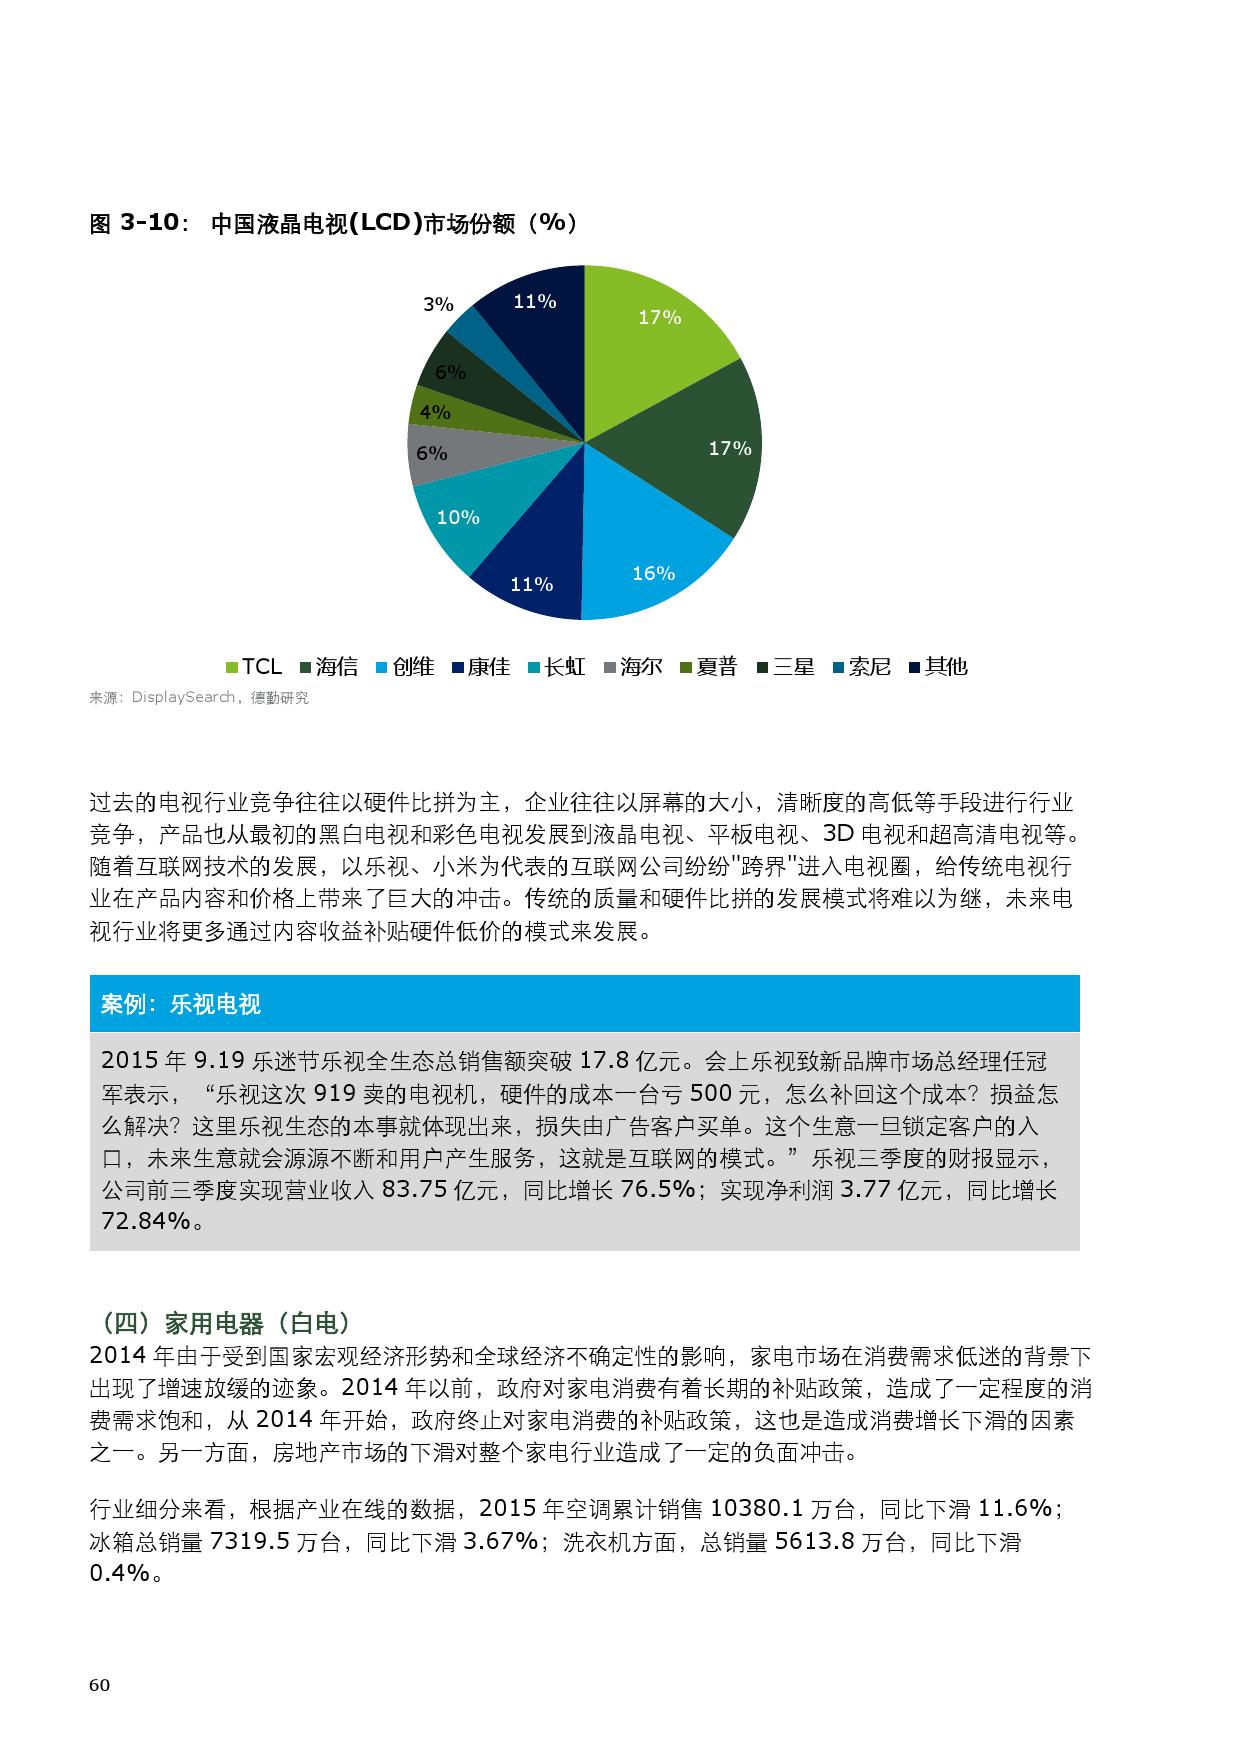 2015中国零售产业投资促进报告_000068